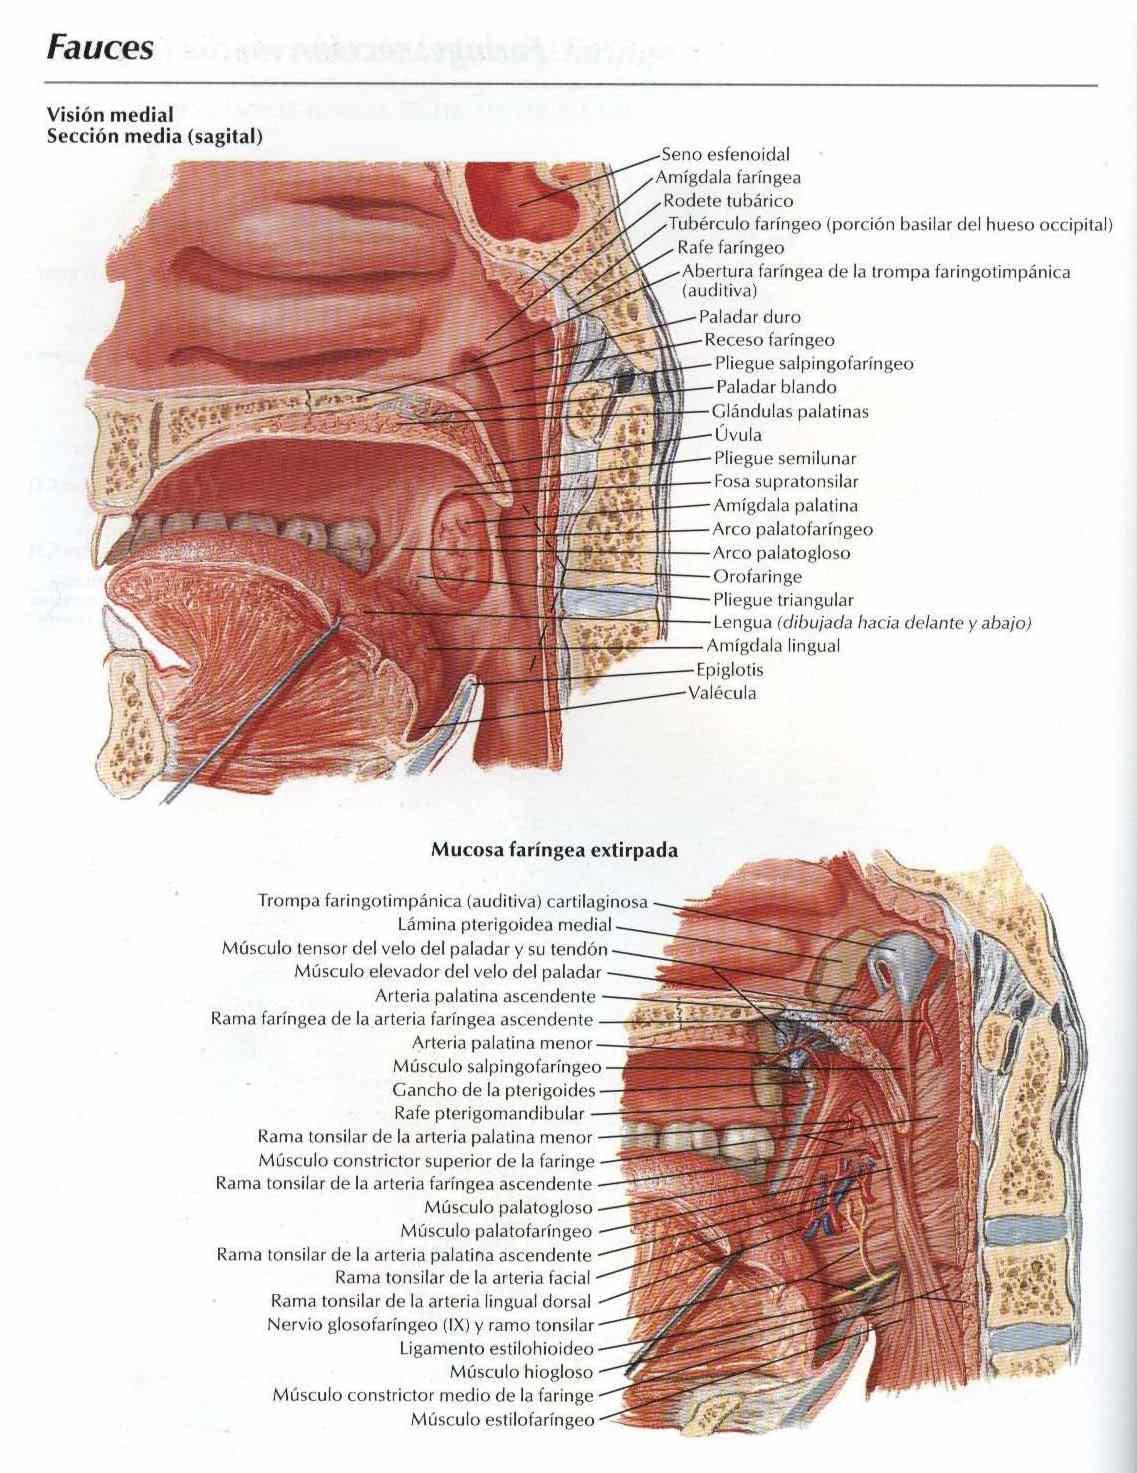 Atlas: Anatomía Fauces